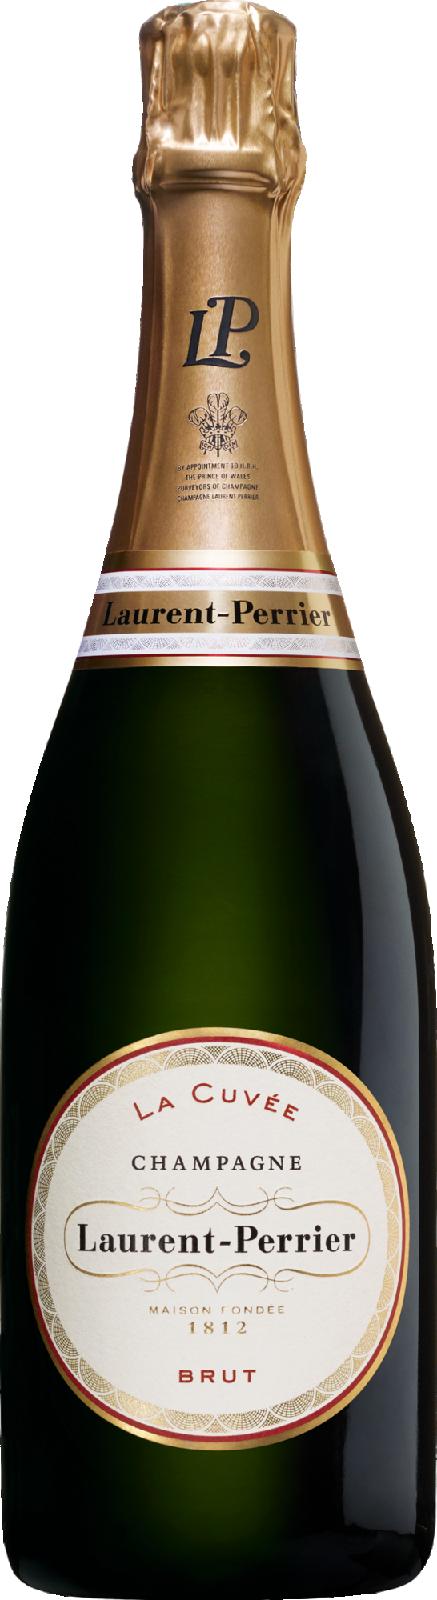 NV-Laurent-Perrier Champagne Brut